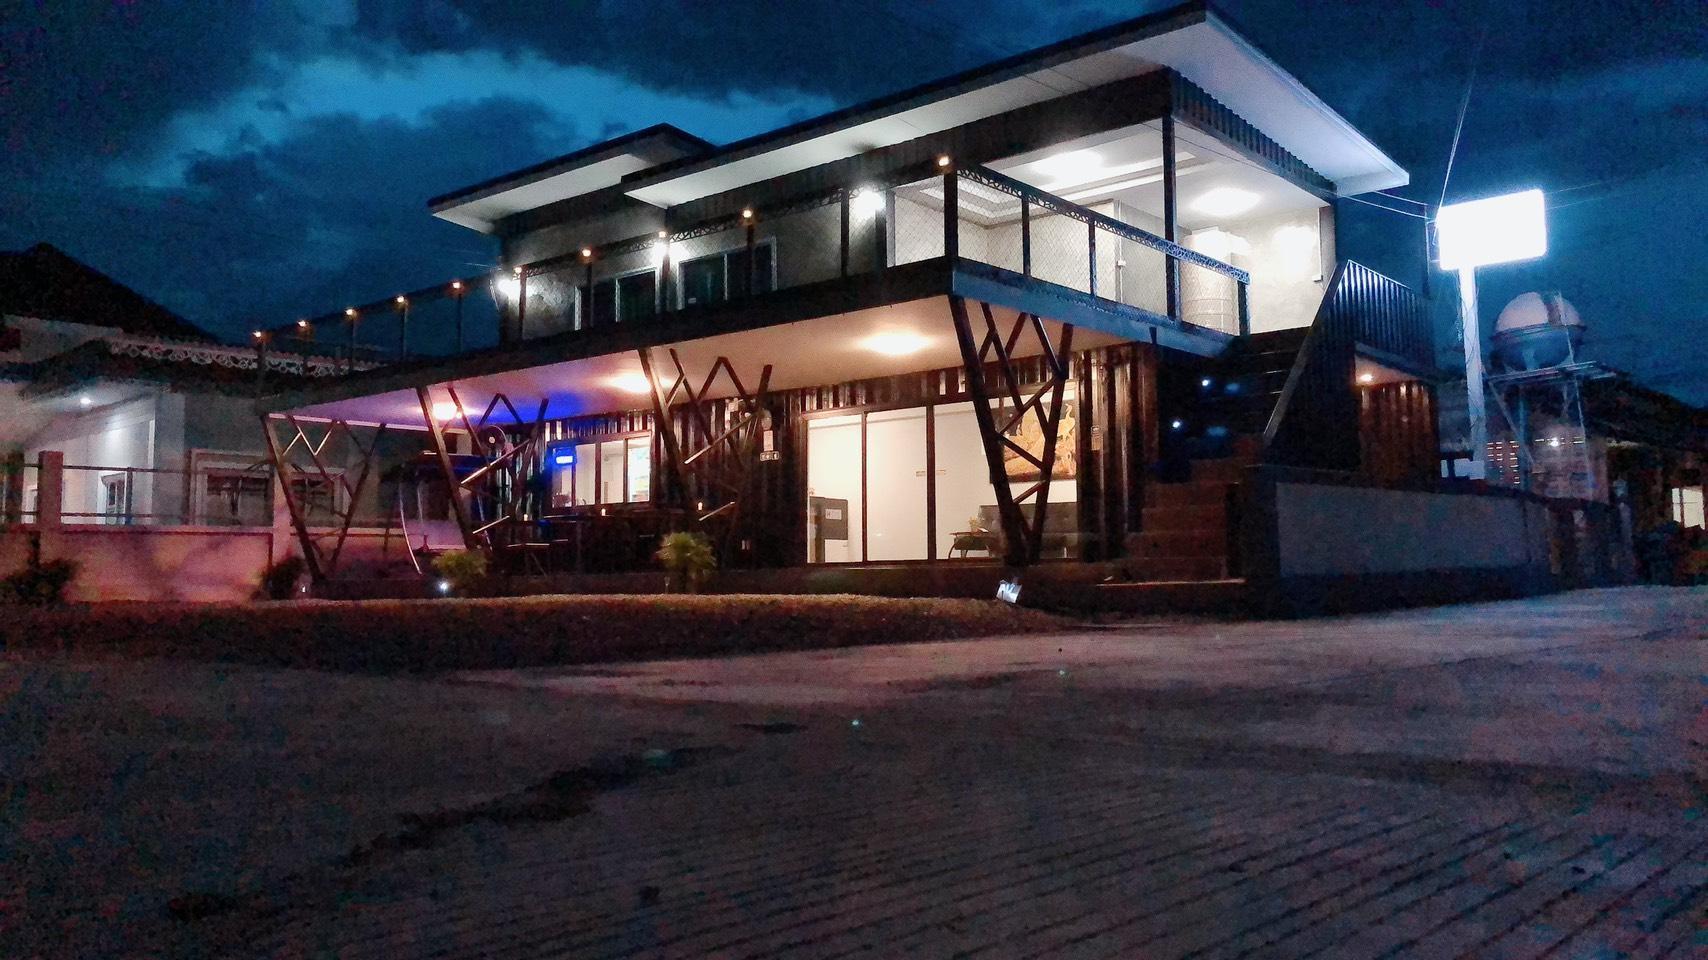 IFantasy Motel